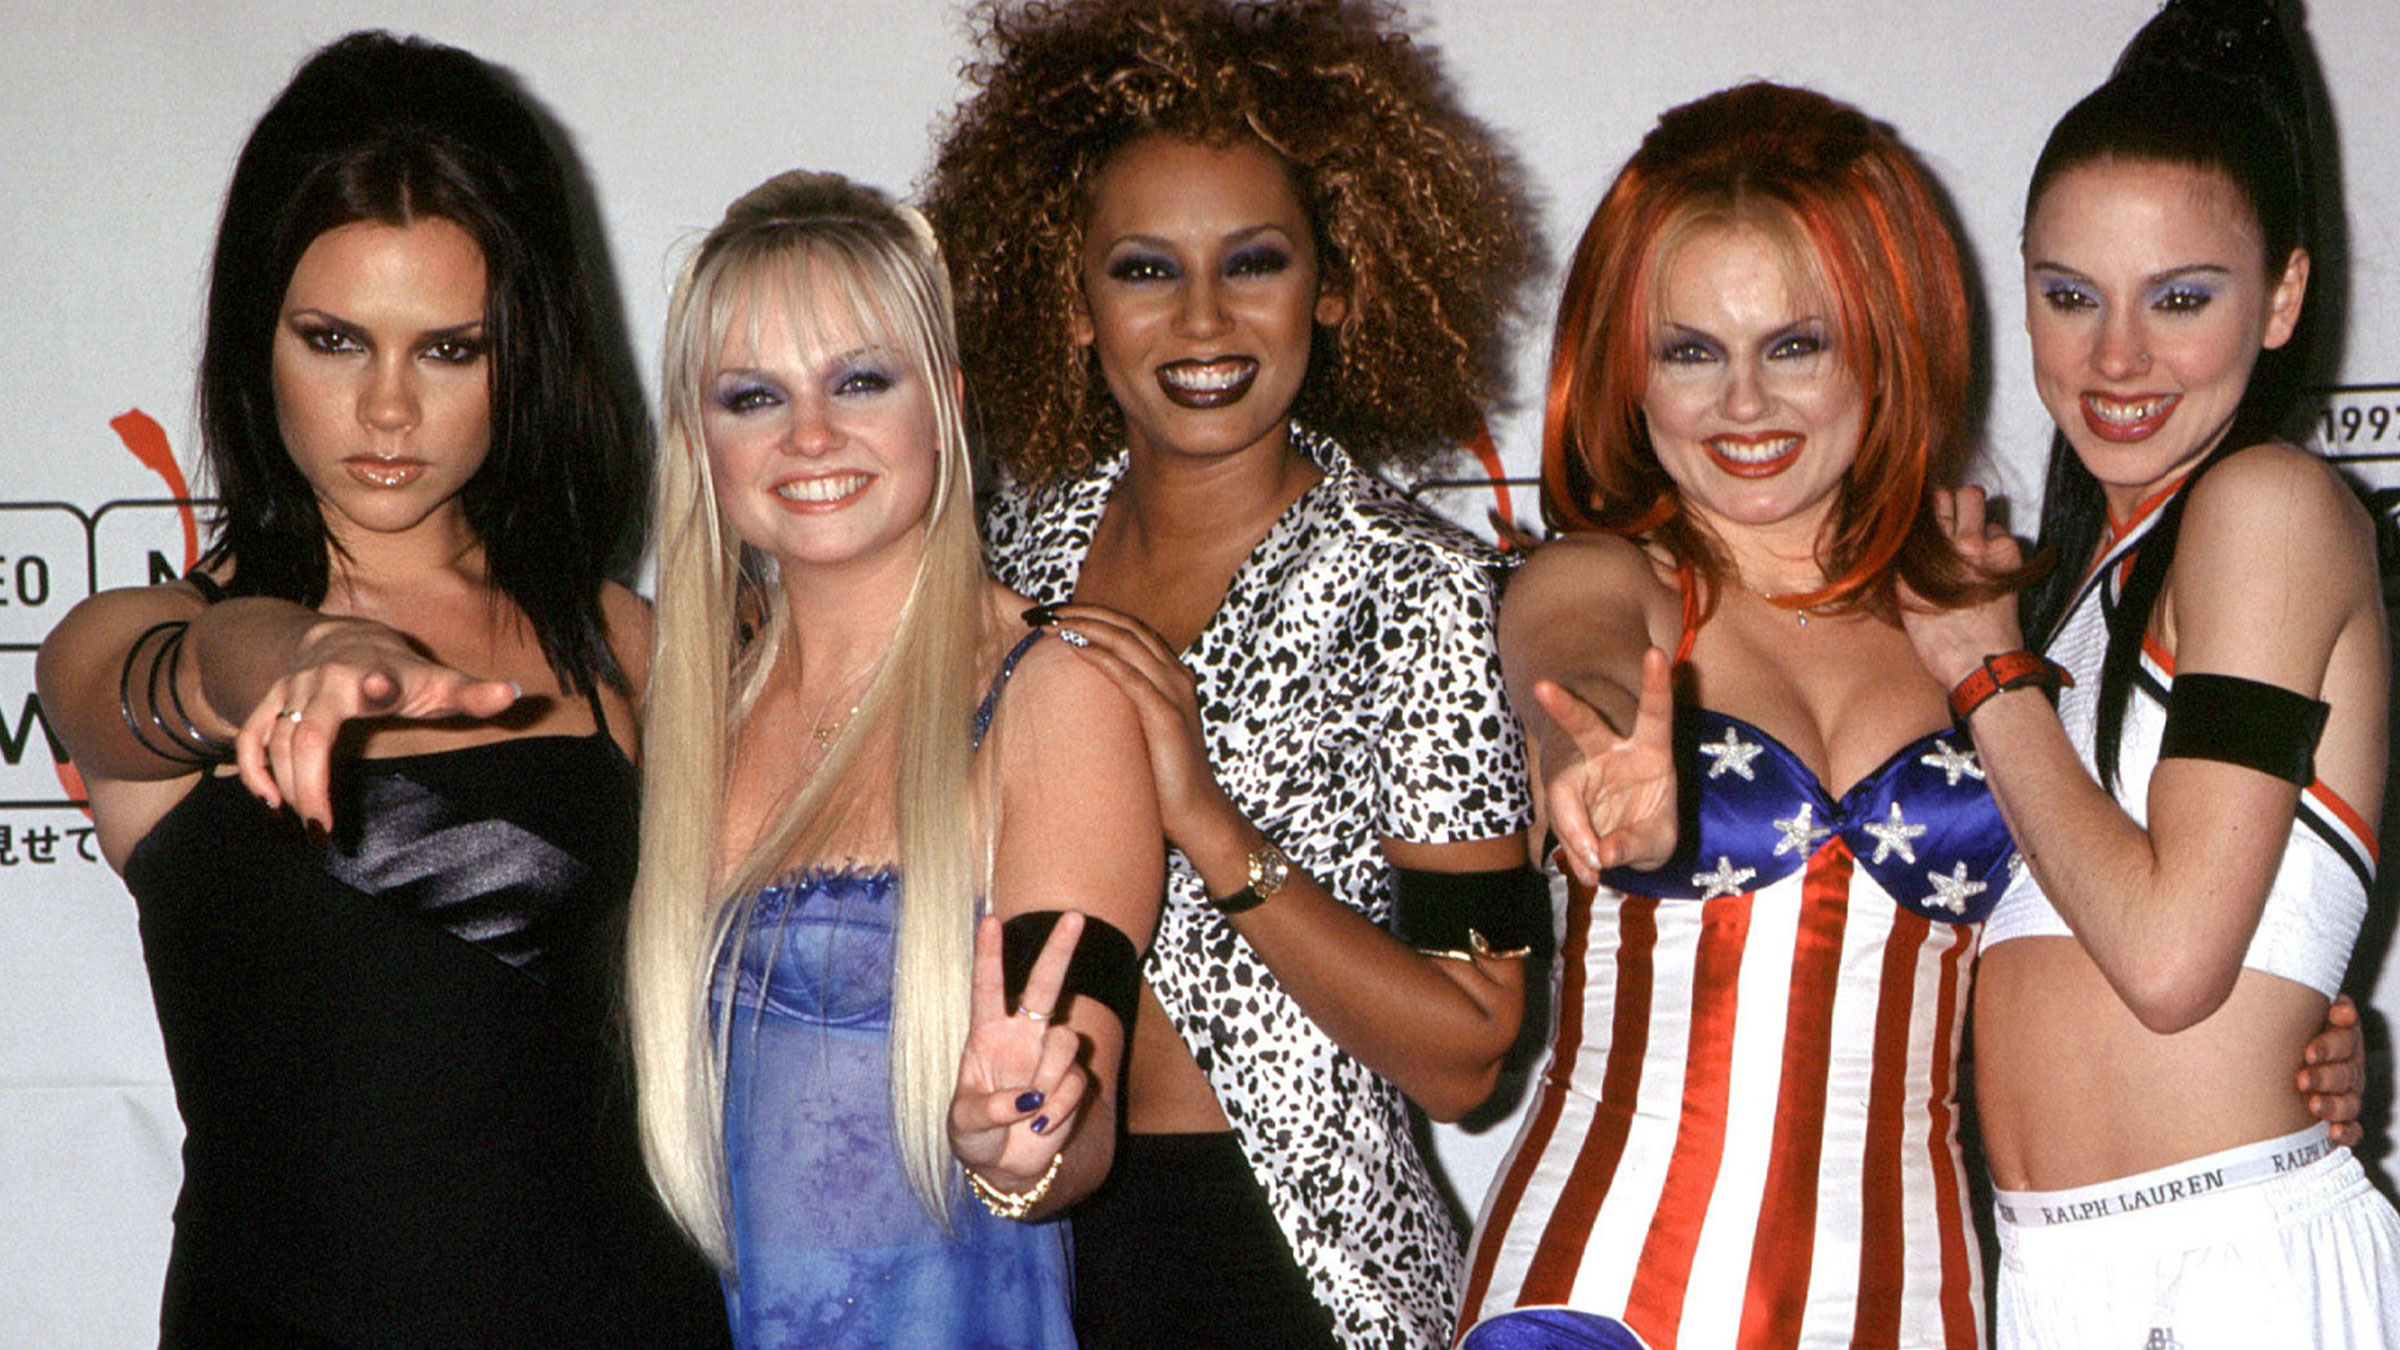 a0514af2a5c De Spice Girls komen terug! - Qmusic